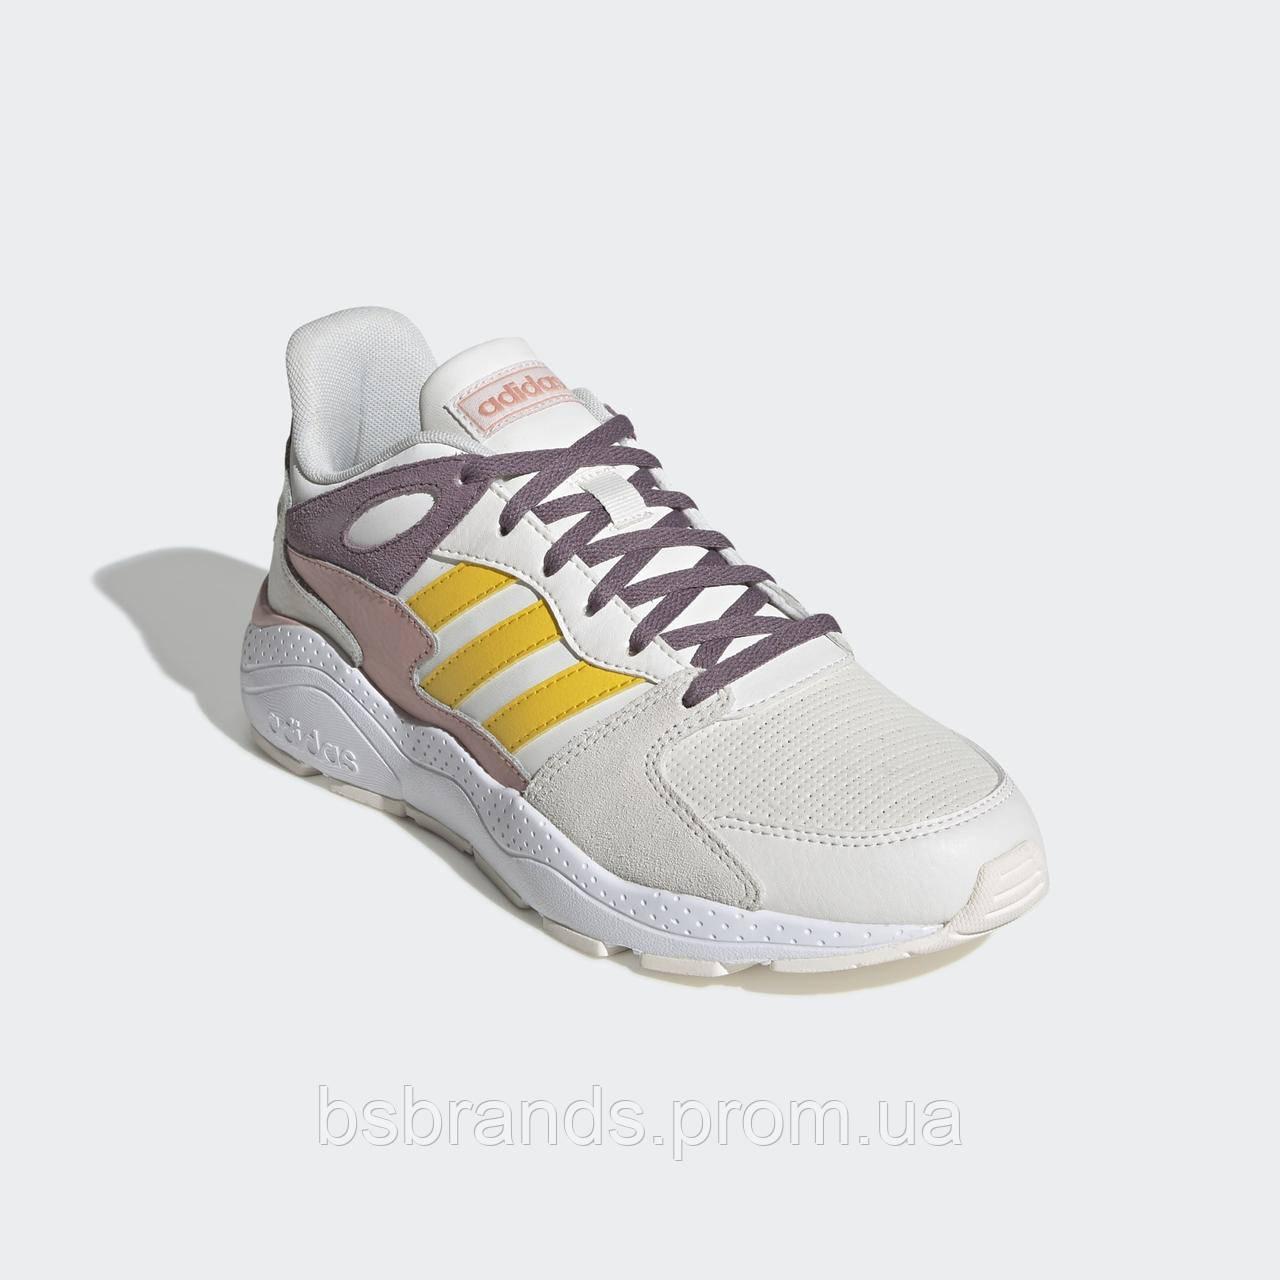 Жіночі кросівки adidas CRAZYCHAOS EG8751